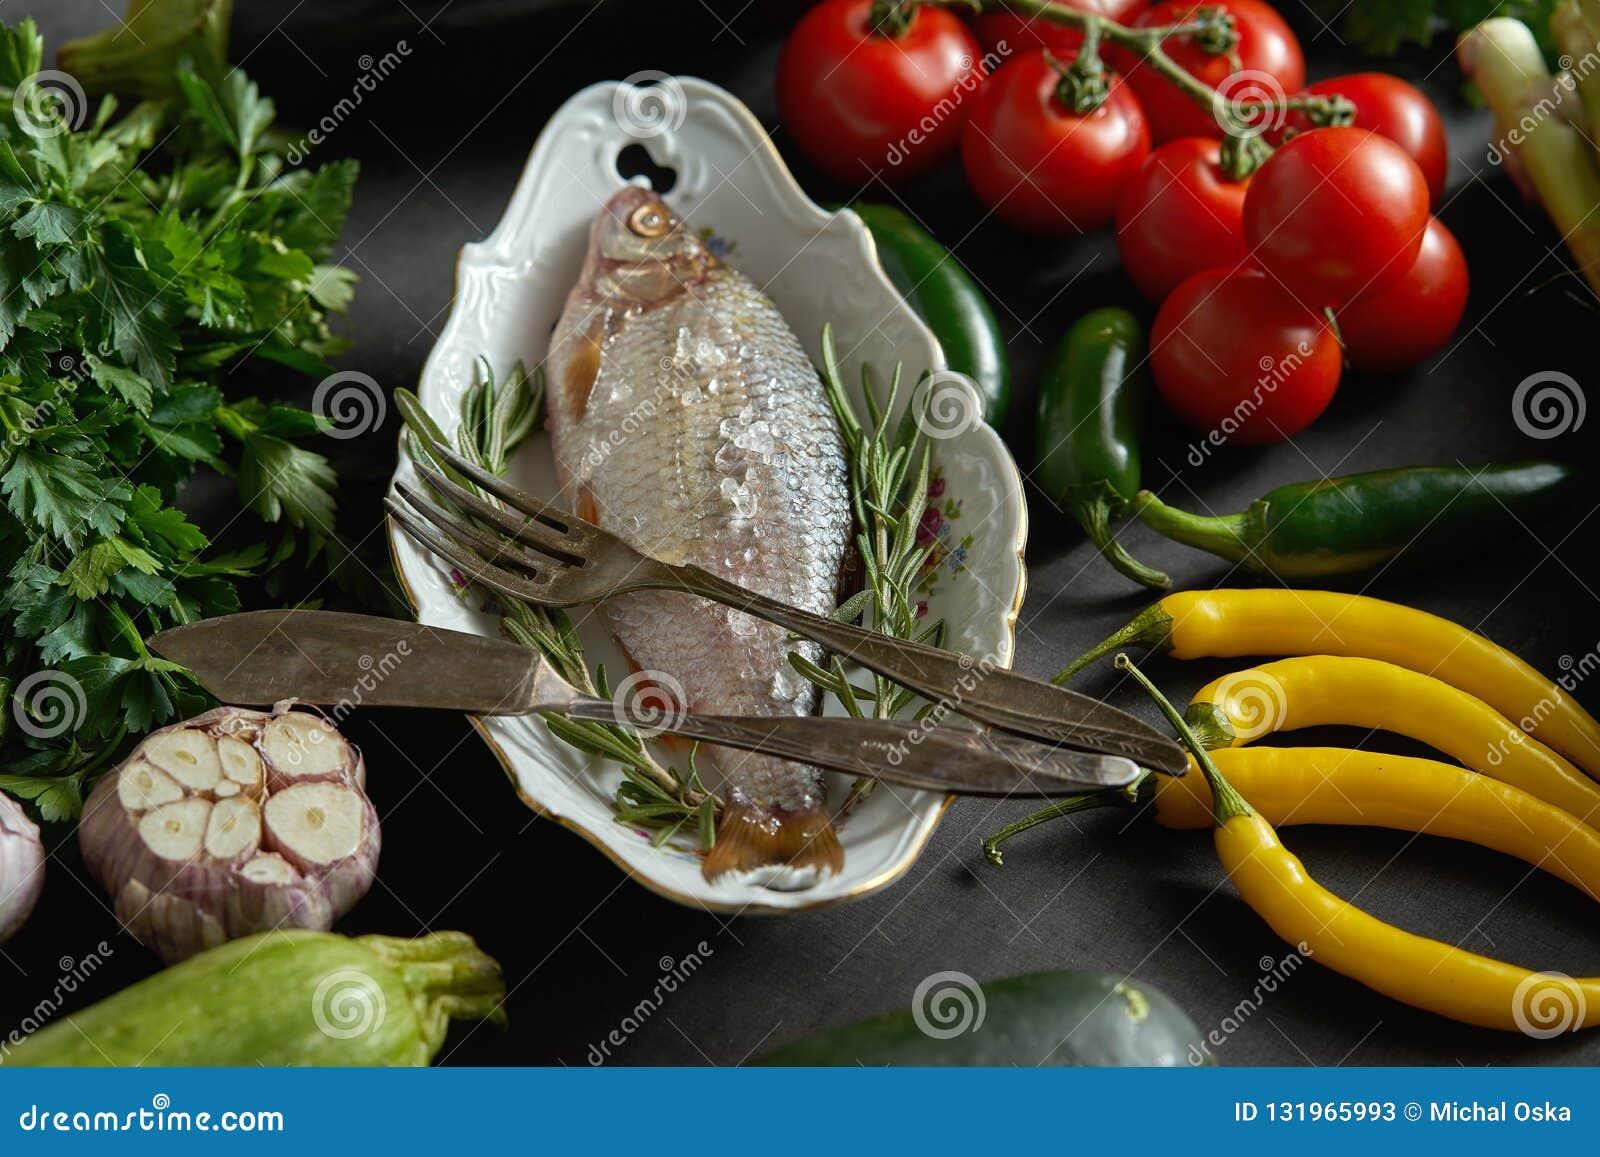 Pesce crudo fresco di dorada in un piatto bianco con un insieme delle verdure su una tavola nera